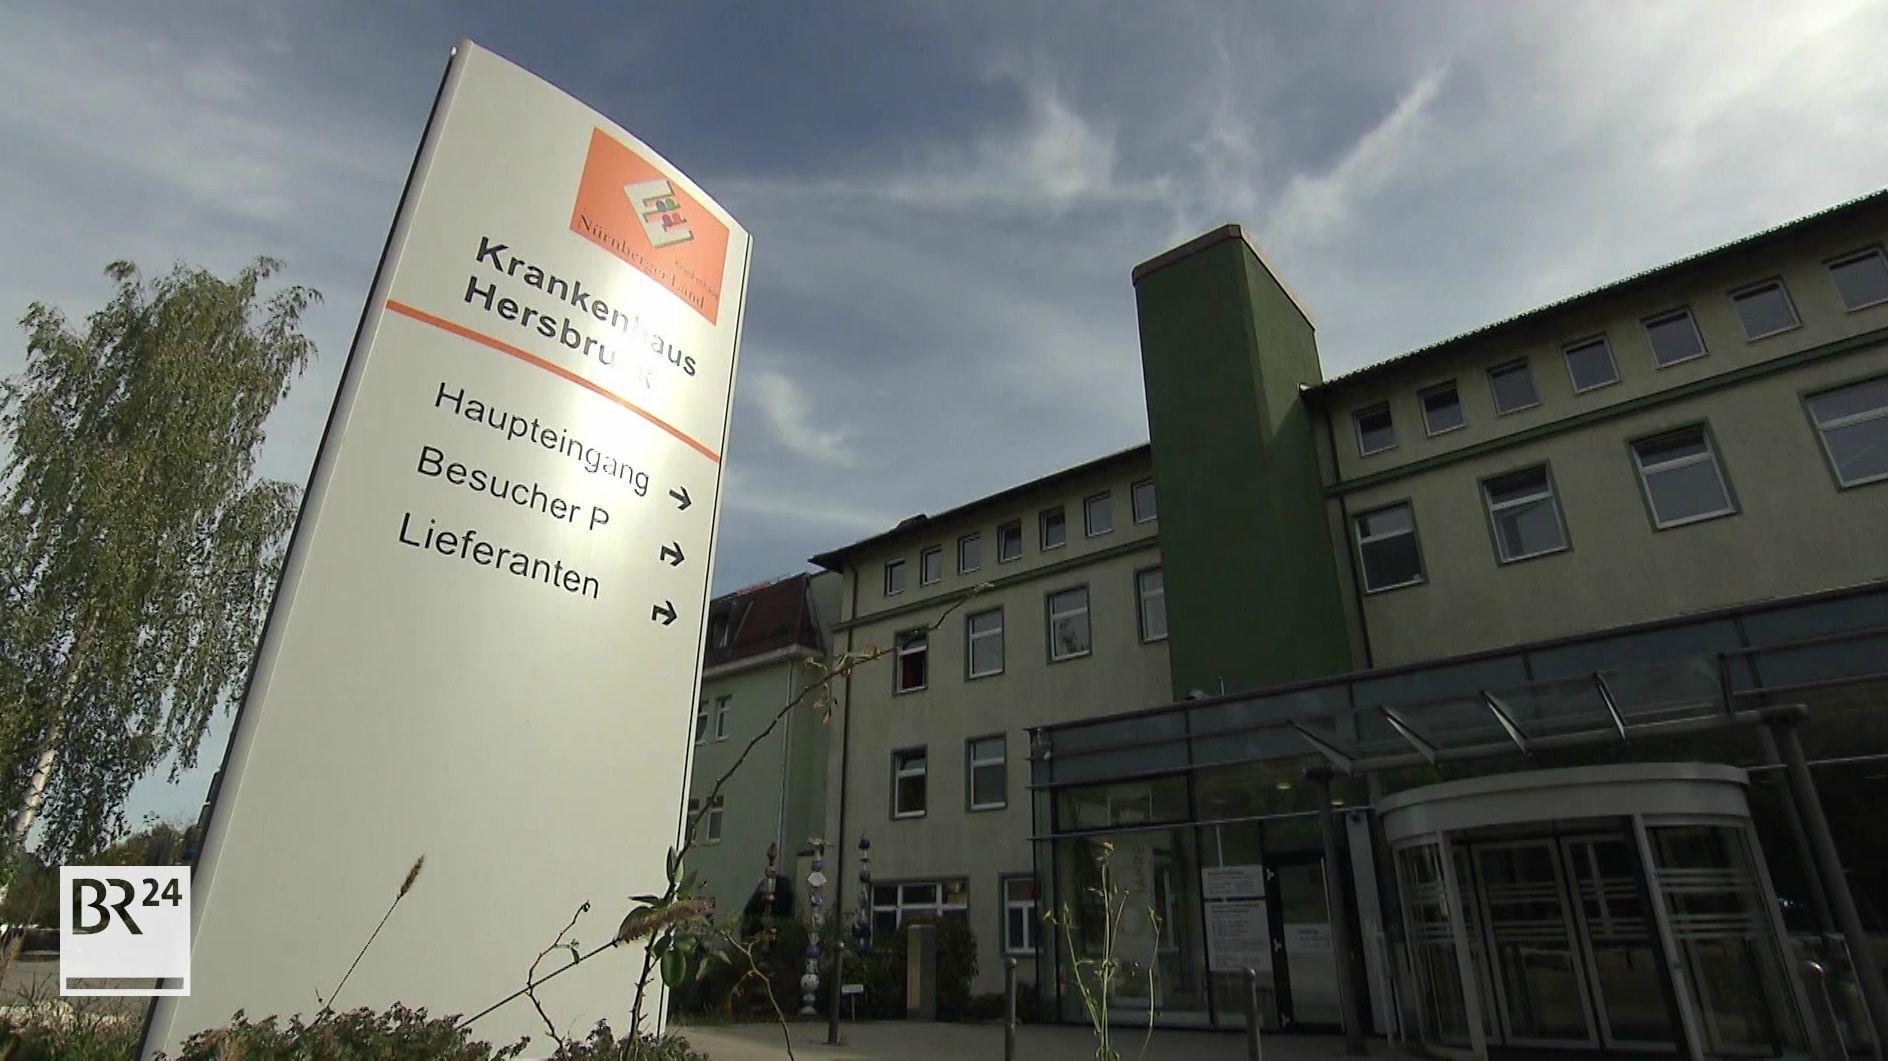 Archiv Krankenhaus Hersbruck